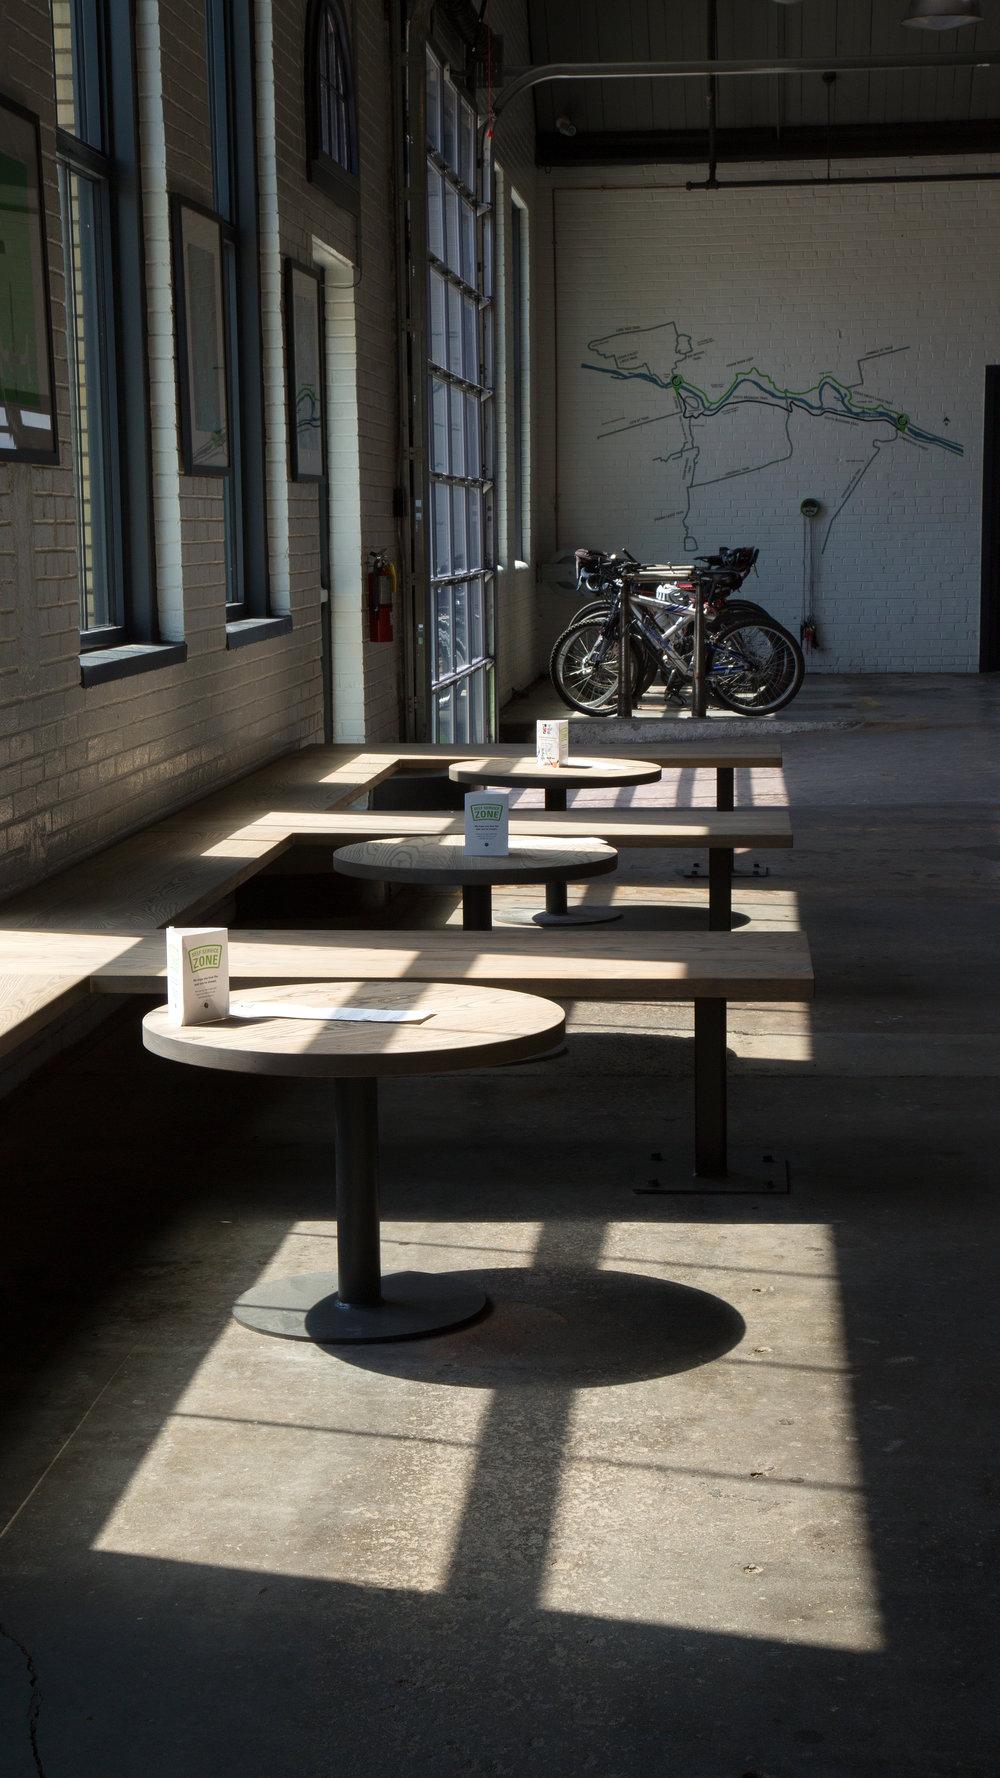 Bike lounge bench seating